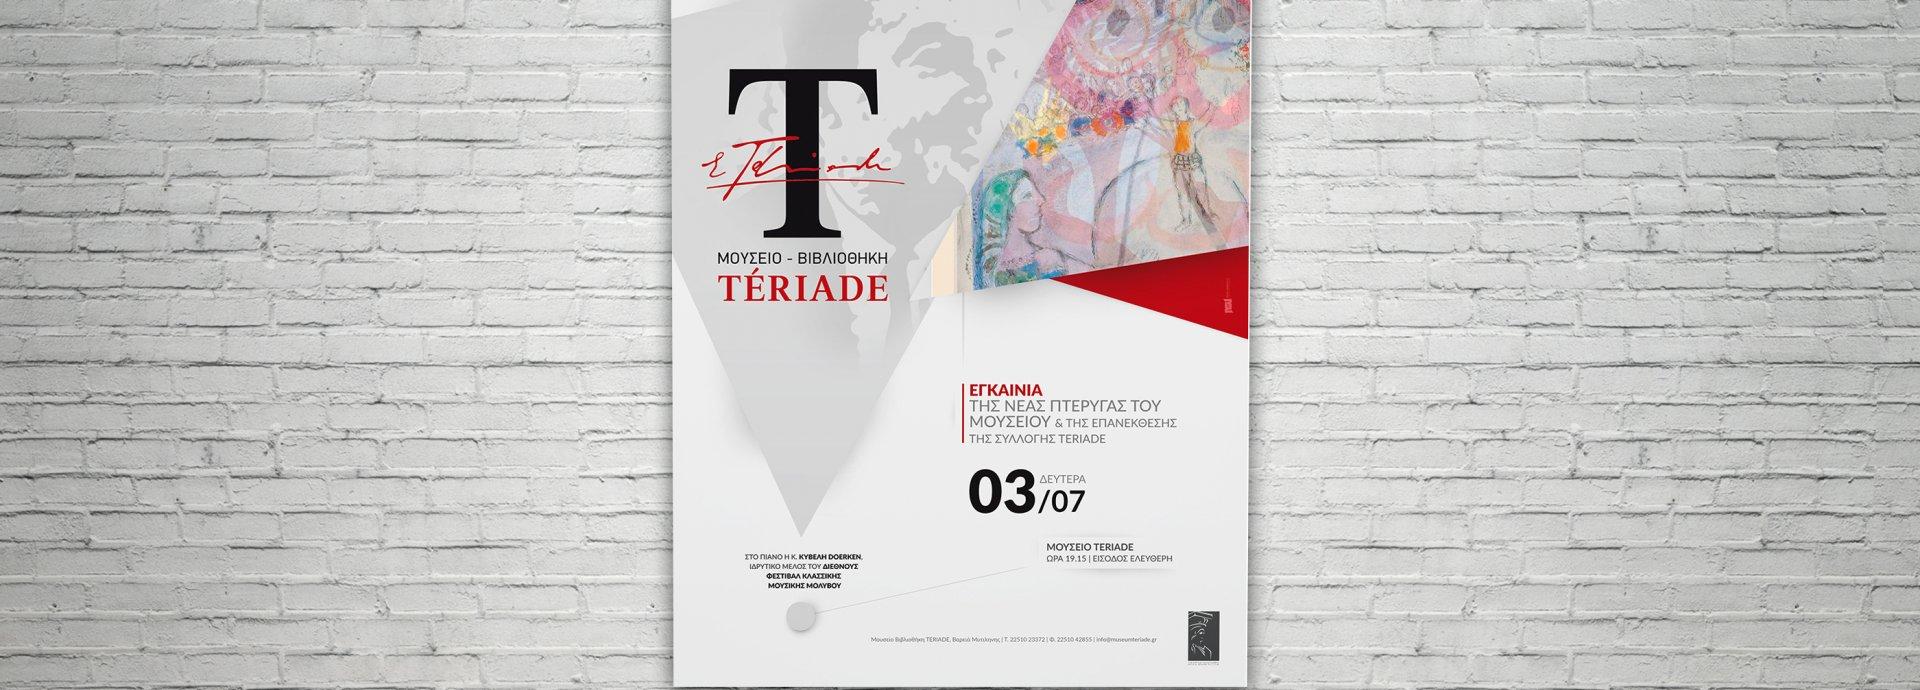 Tériade Museum & Library